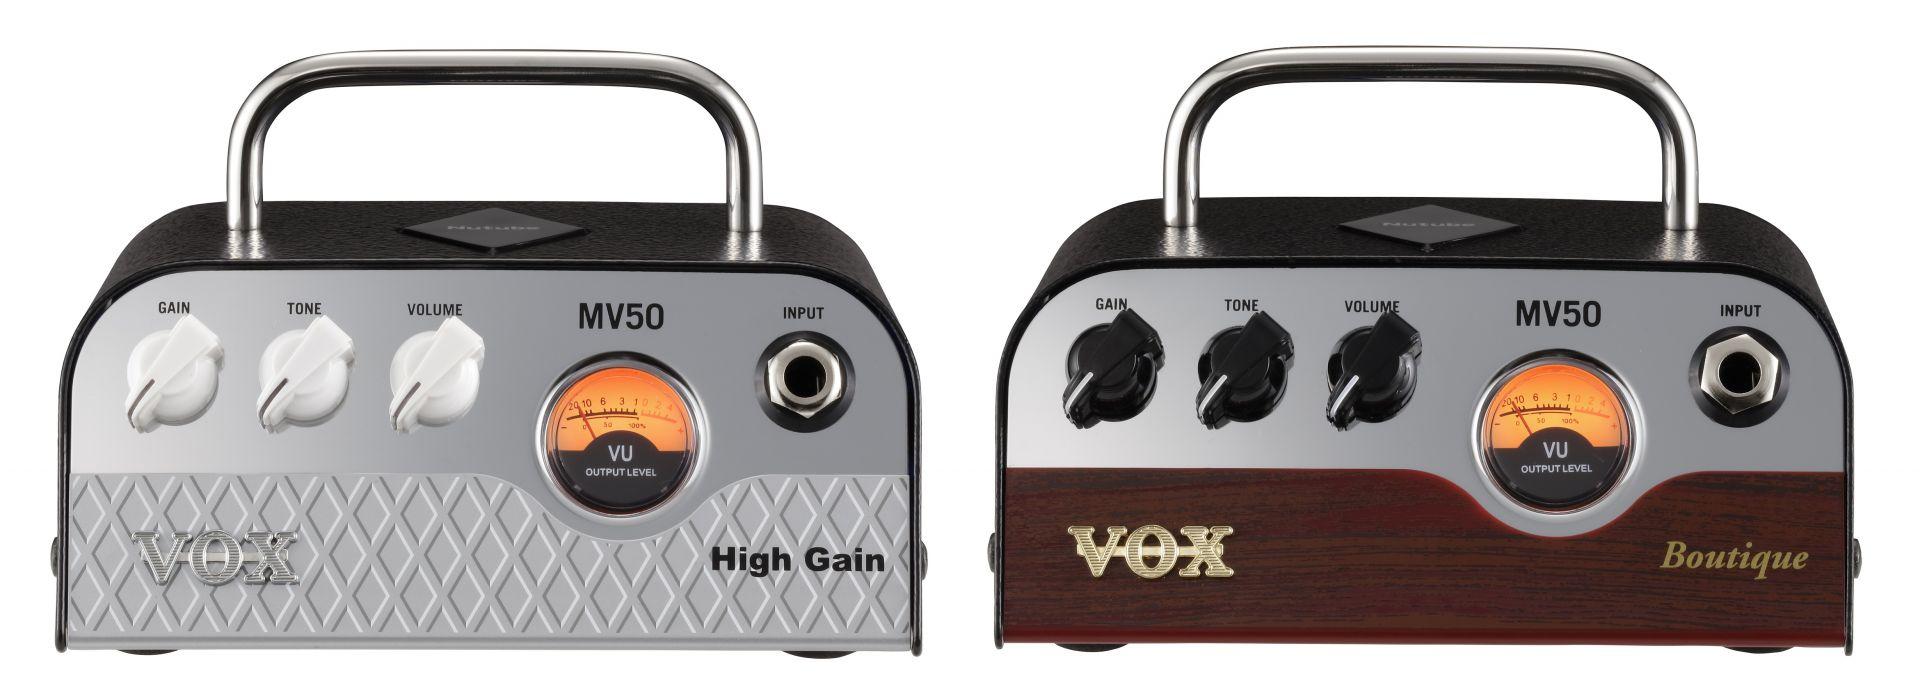 """次世代真空管Nutubeを搭載したMV50 シリーズに2モデルが新登場。 ラインナップは、ハイゲイン・サウンドが魅力の""""MV50 High Gain""""と、ブティック系アンプの伝説的サウンドを再現した""""MV50 Boutique""""の2種類です。 </p>   <p>540gという圧倒的な軽量設計ながら、ライブなどでも十分使用可能な50Wの高出力を実現。自宅練習やライブなど幅広いシチュエーションで真空管サウンドを楽しむことができます。"""